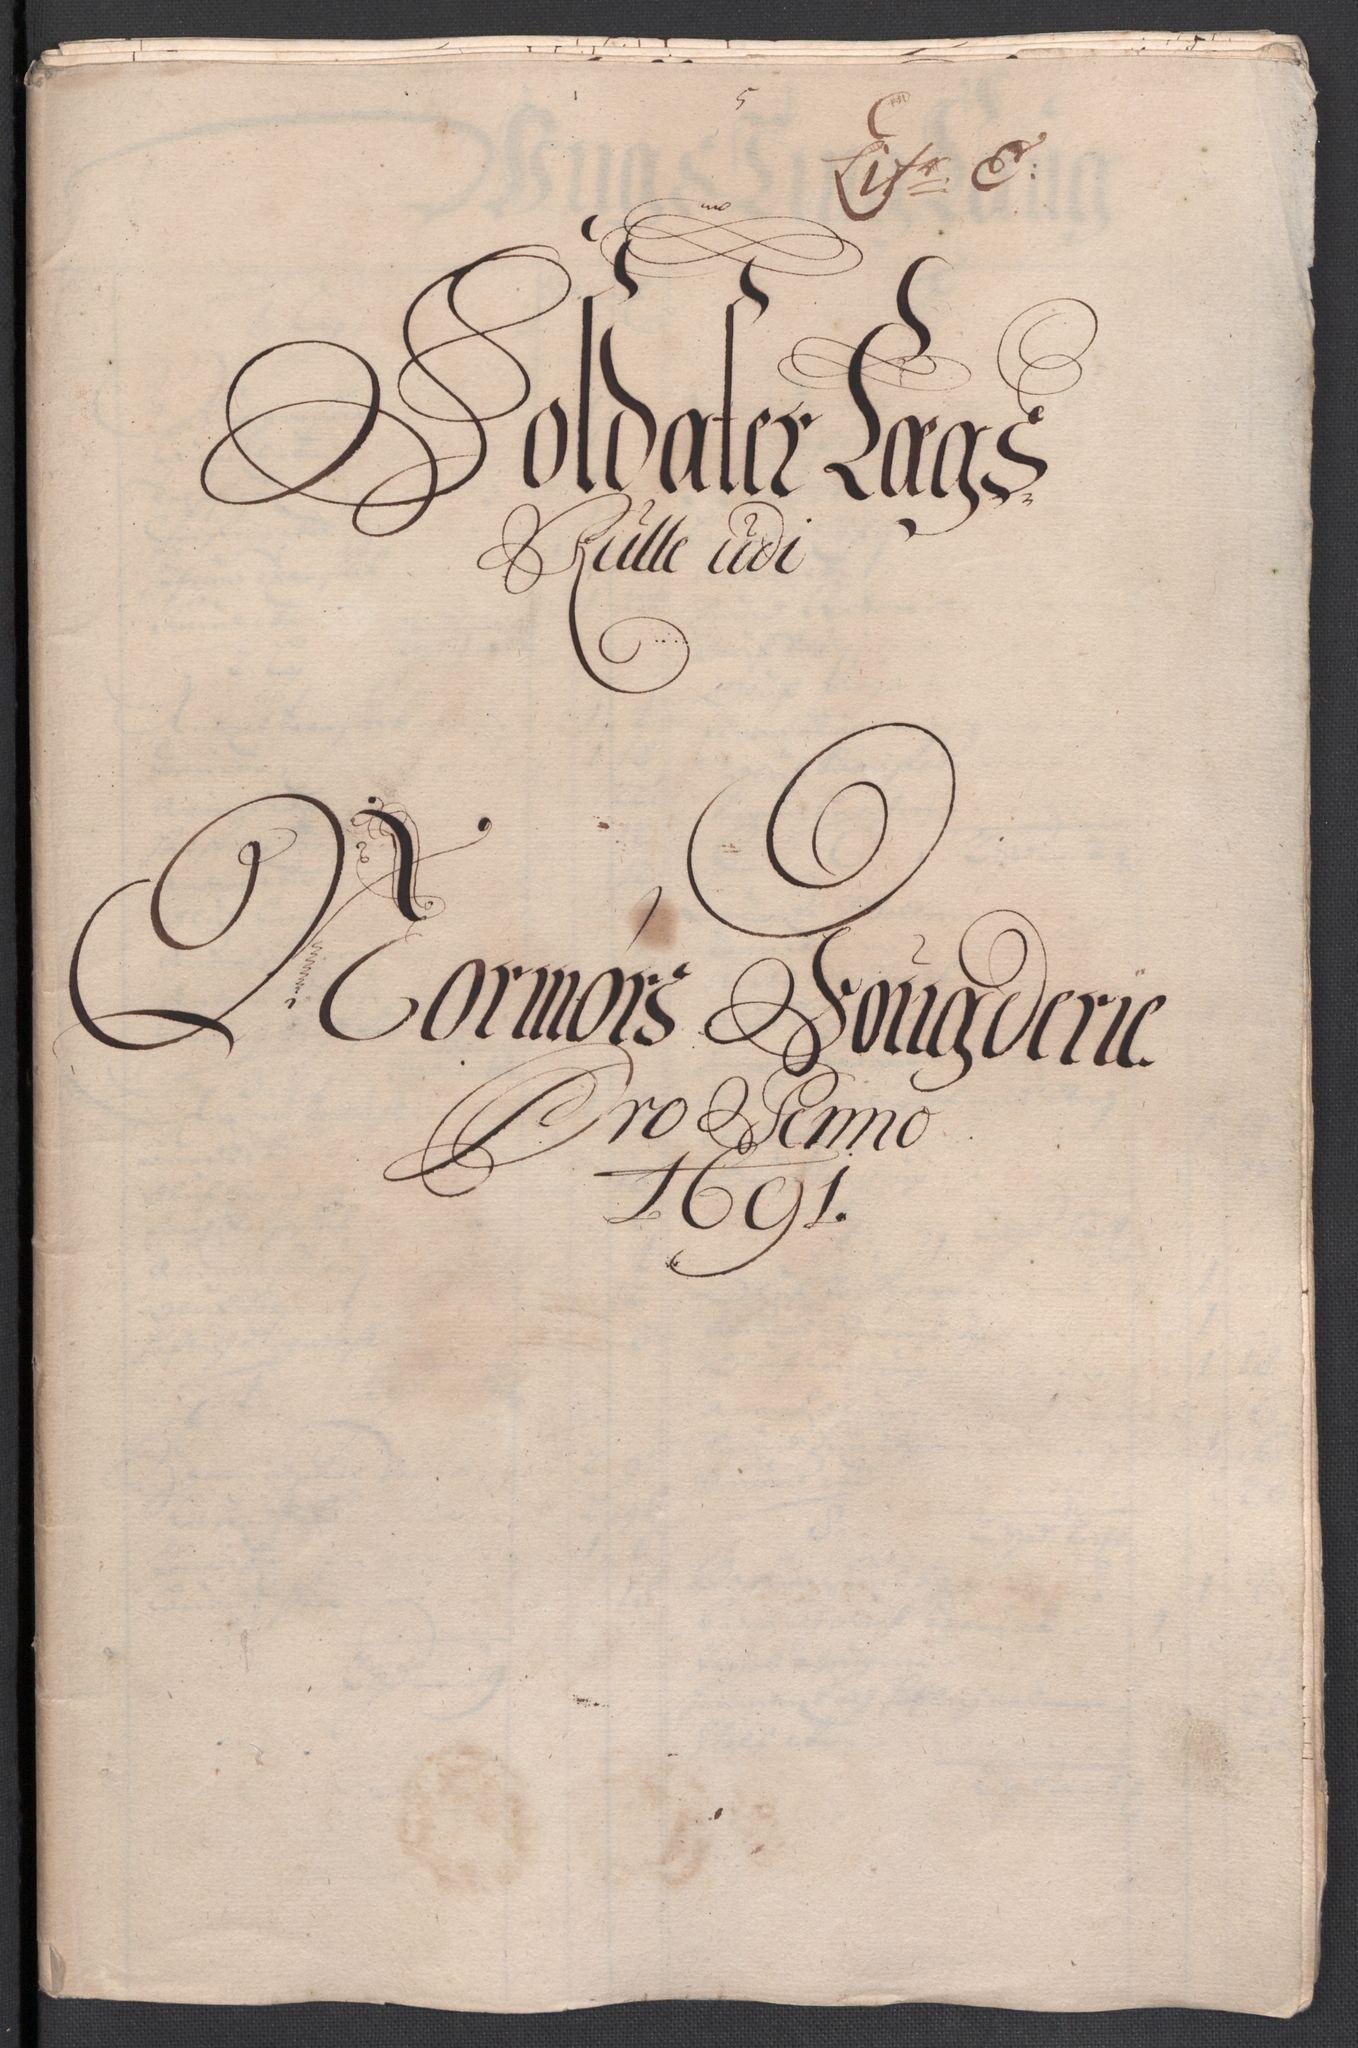 RA, Rentekammeret inntil 1814, Reviderte regnskaper, Fogderegnskap, R56/L3734: Fogderegnskap Nordmøre, 1690-1691, s. 312